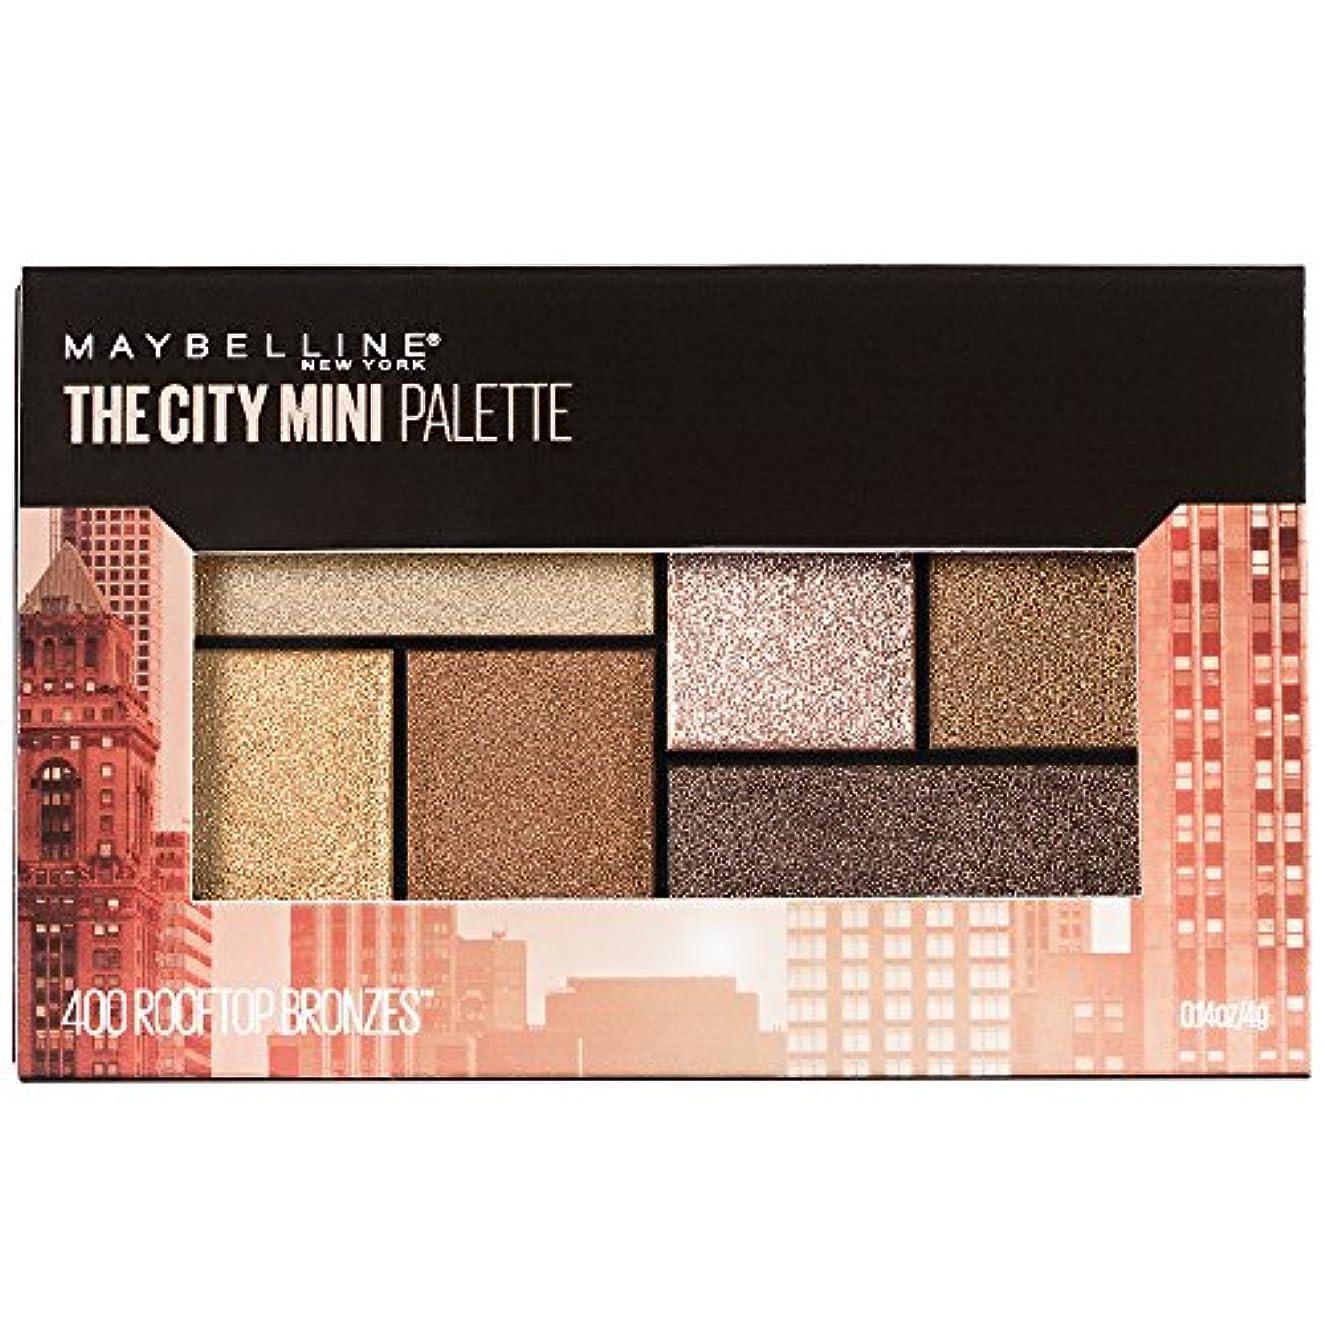 ピン砂の会社MAYBELLINE The City Mini Palette - Rooftop Bronzes (並行輸入品)